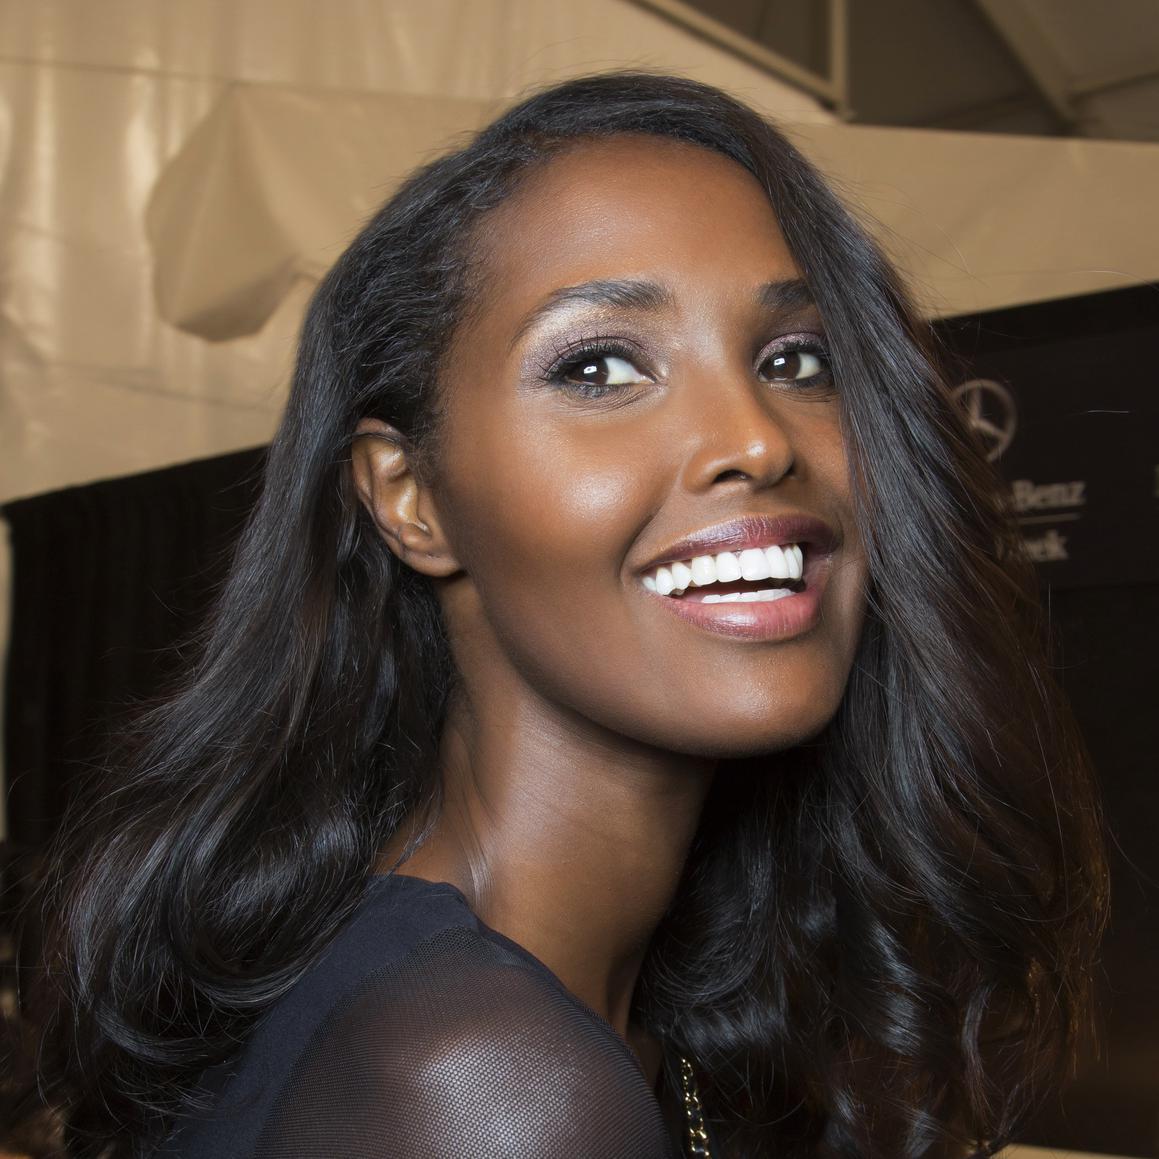 cheveux-lisses-femme-noire